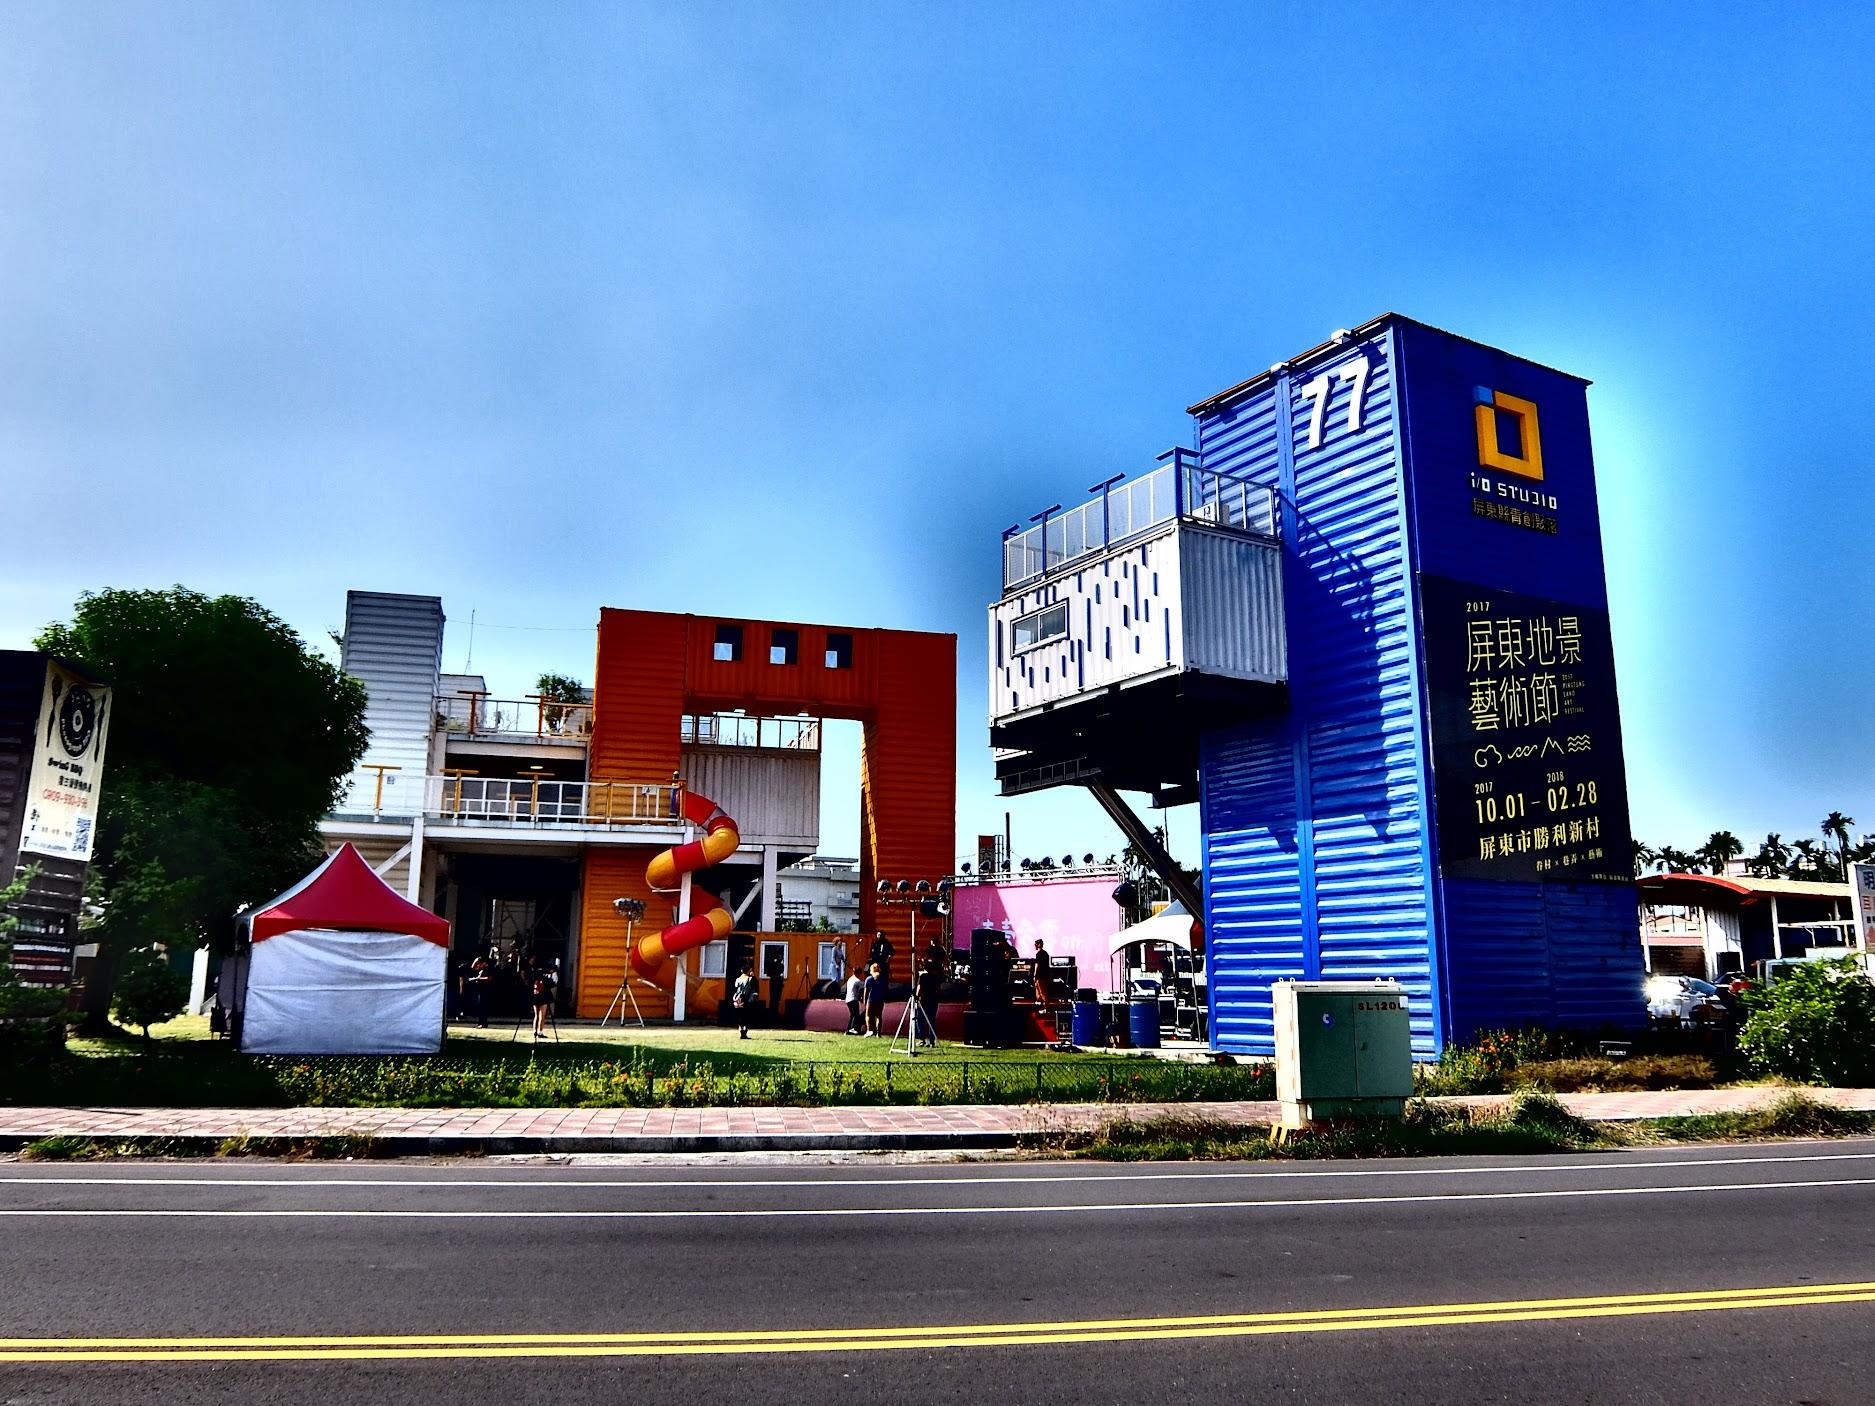 彩虹貨櫃屋,屏東勝利路上的新景點,IG打卡熱門景點啊! XD